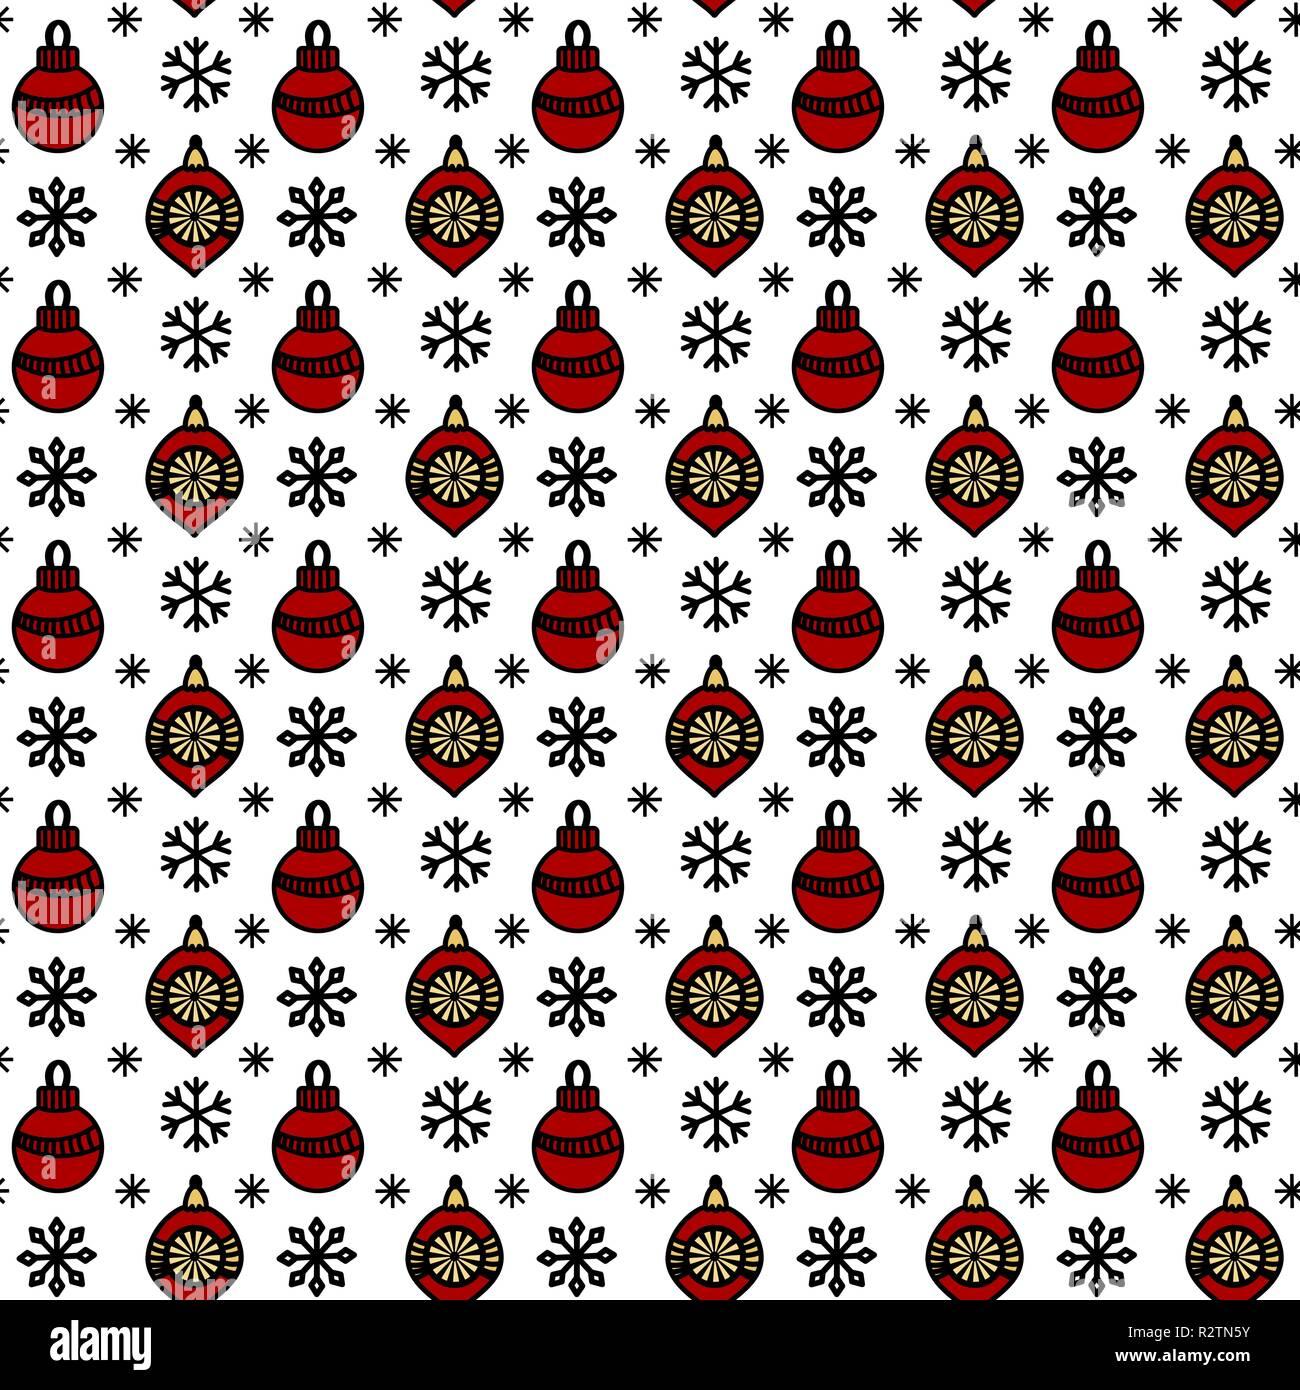 Modèle Transparent Avec Des Boules De Noël Et Des Flocons De